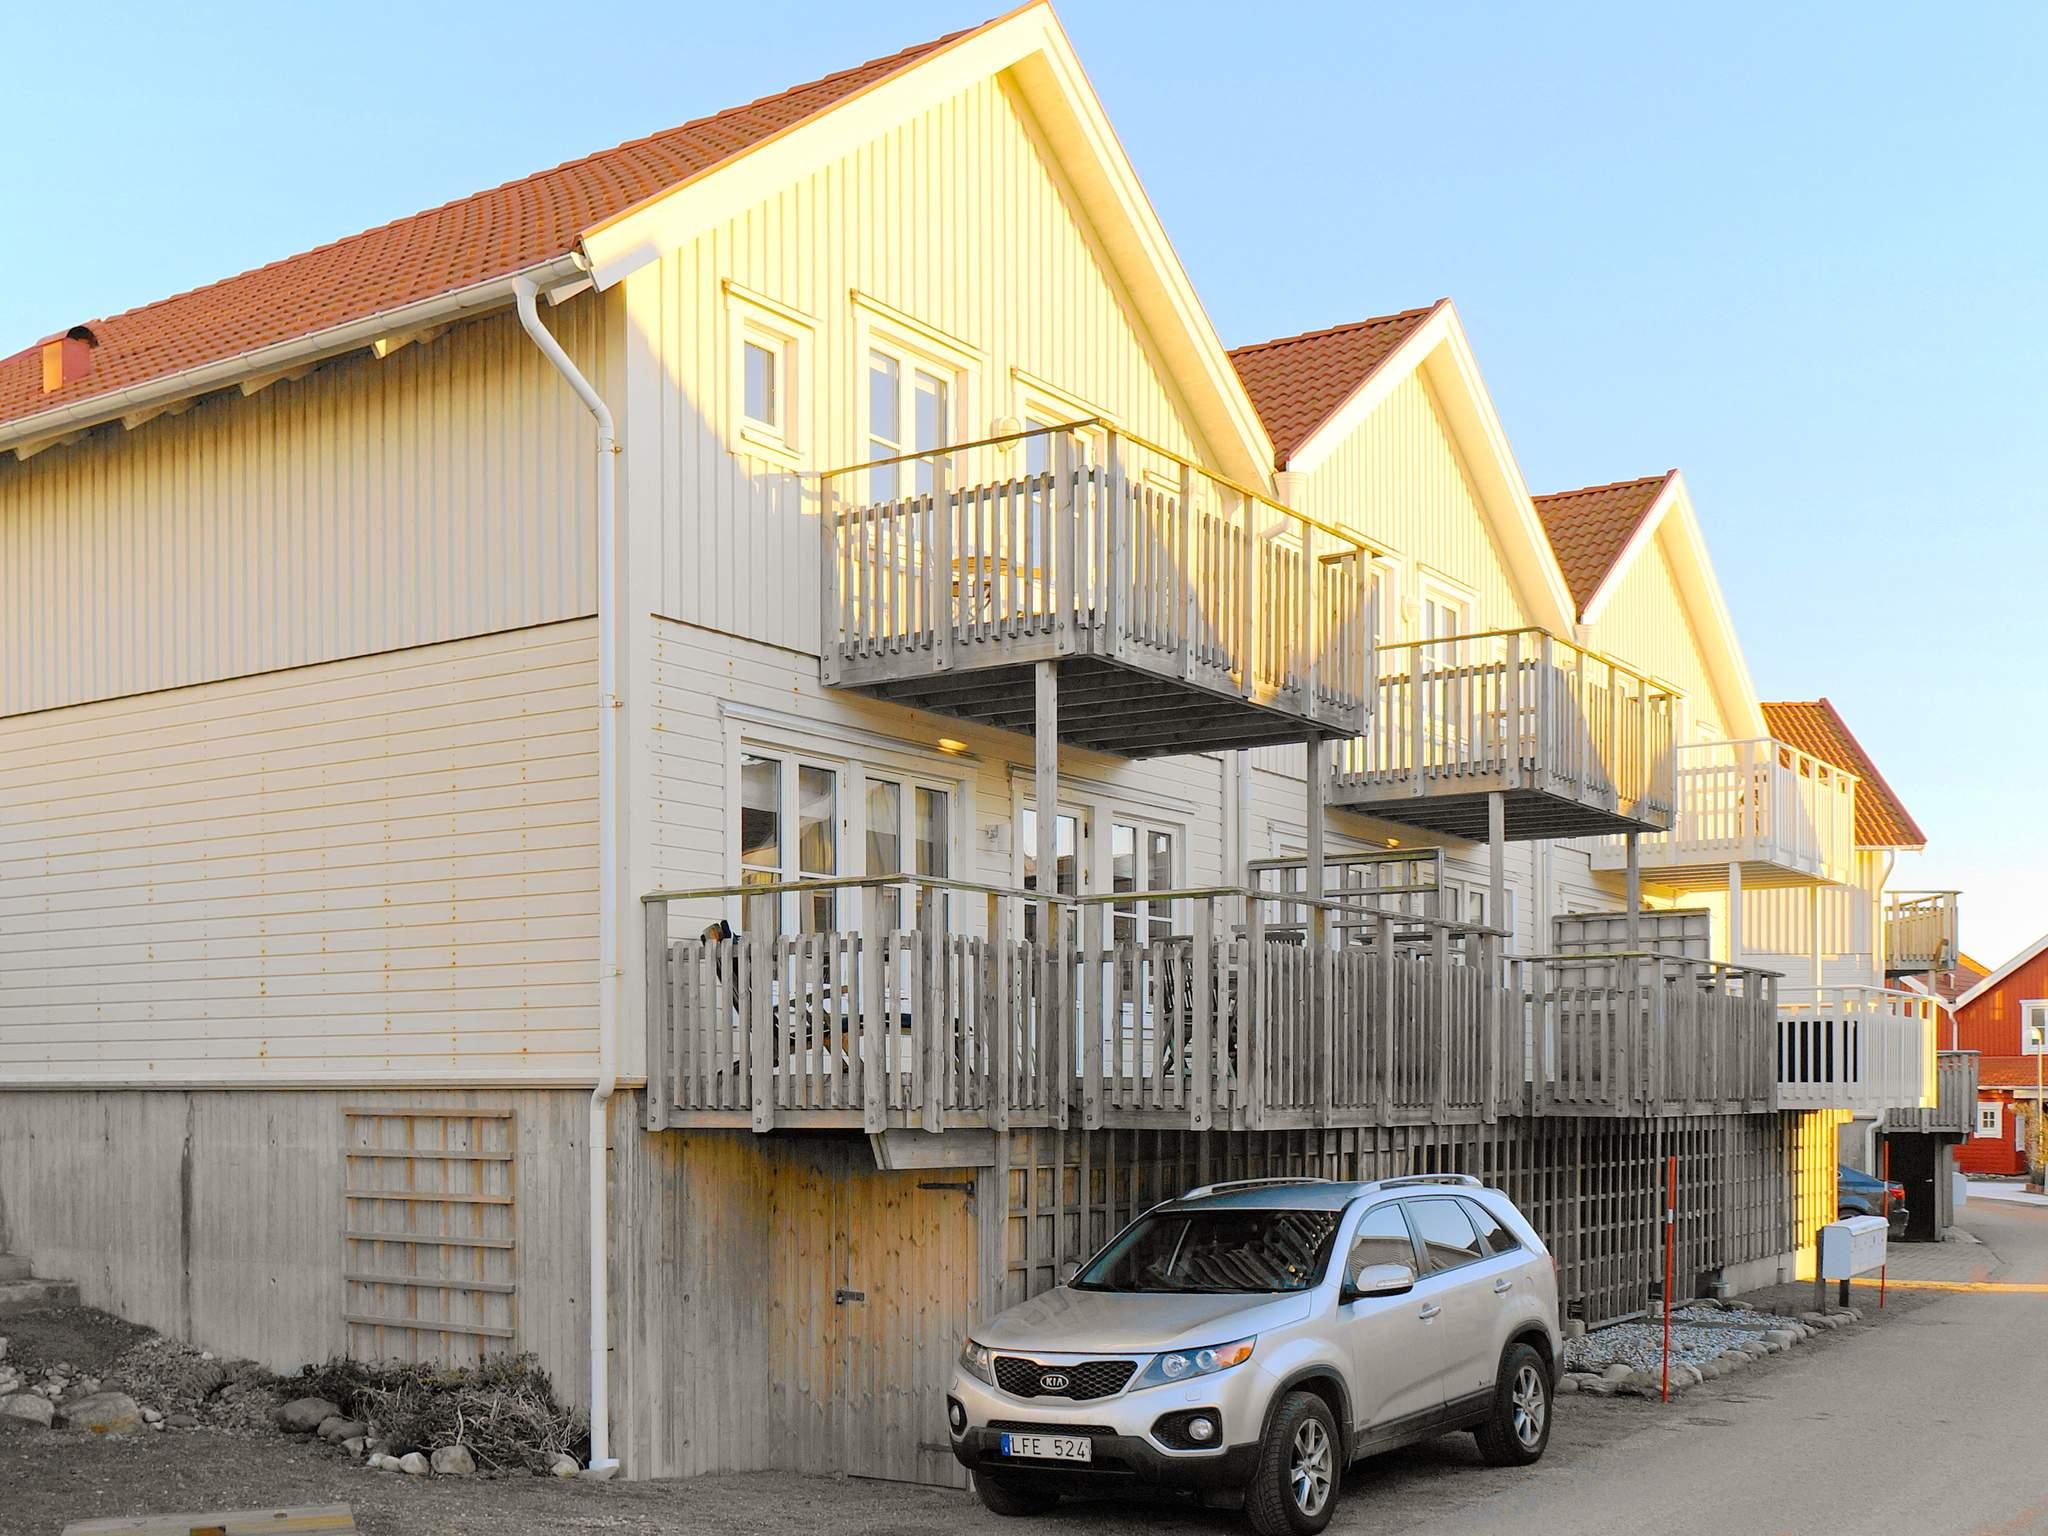 Ferienhaus Tjörn/Skärhamn (1862883), Skärhamn, Tjörn, Westschweden, Schweden, Bild 27